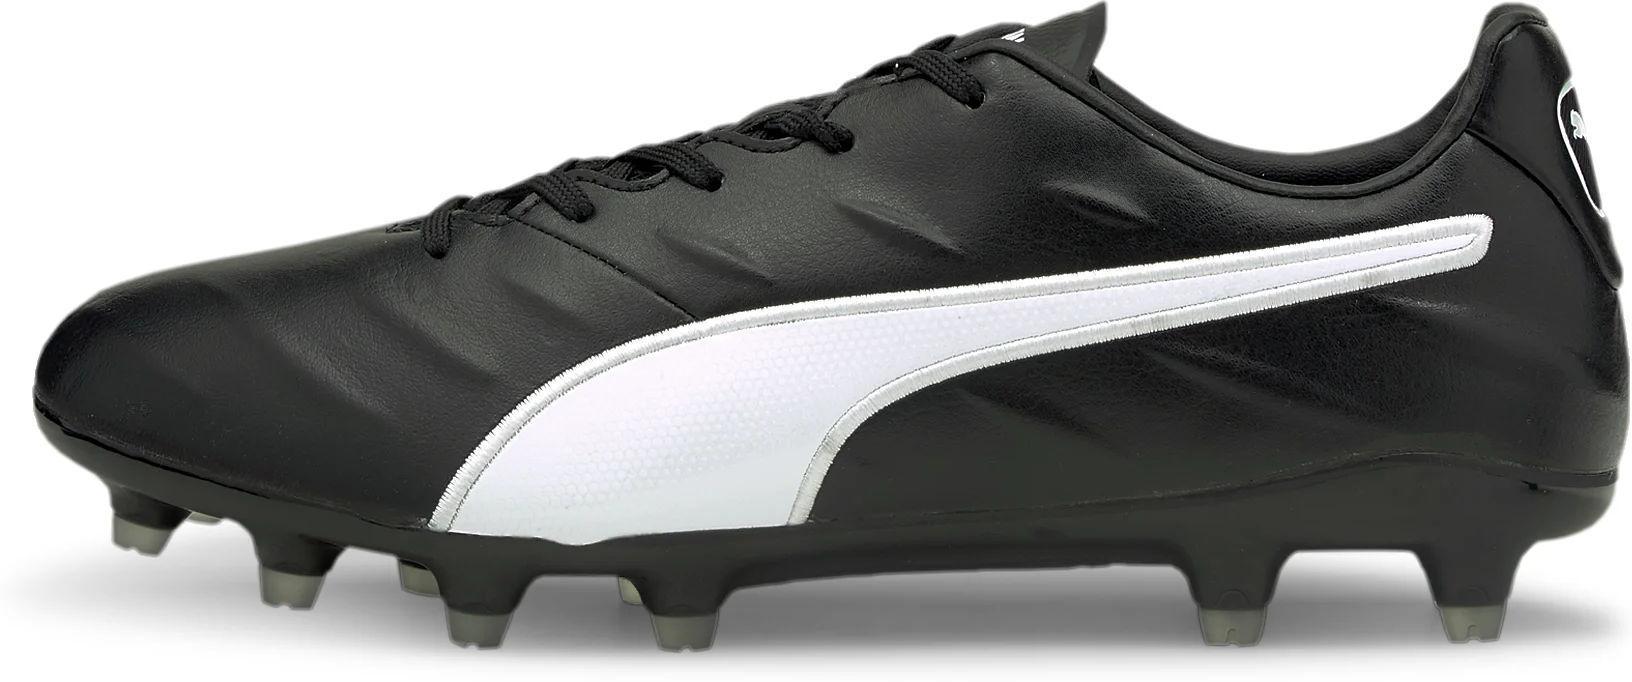 Kopačky Puma KING Pro 21 FG černá